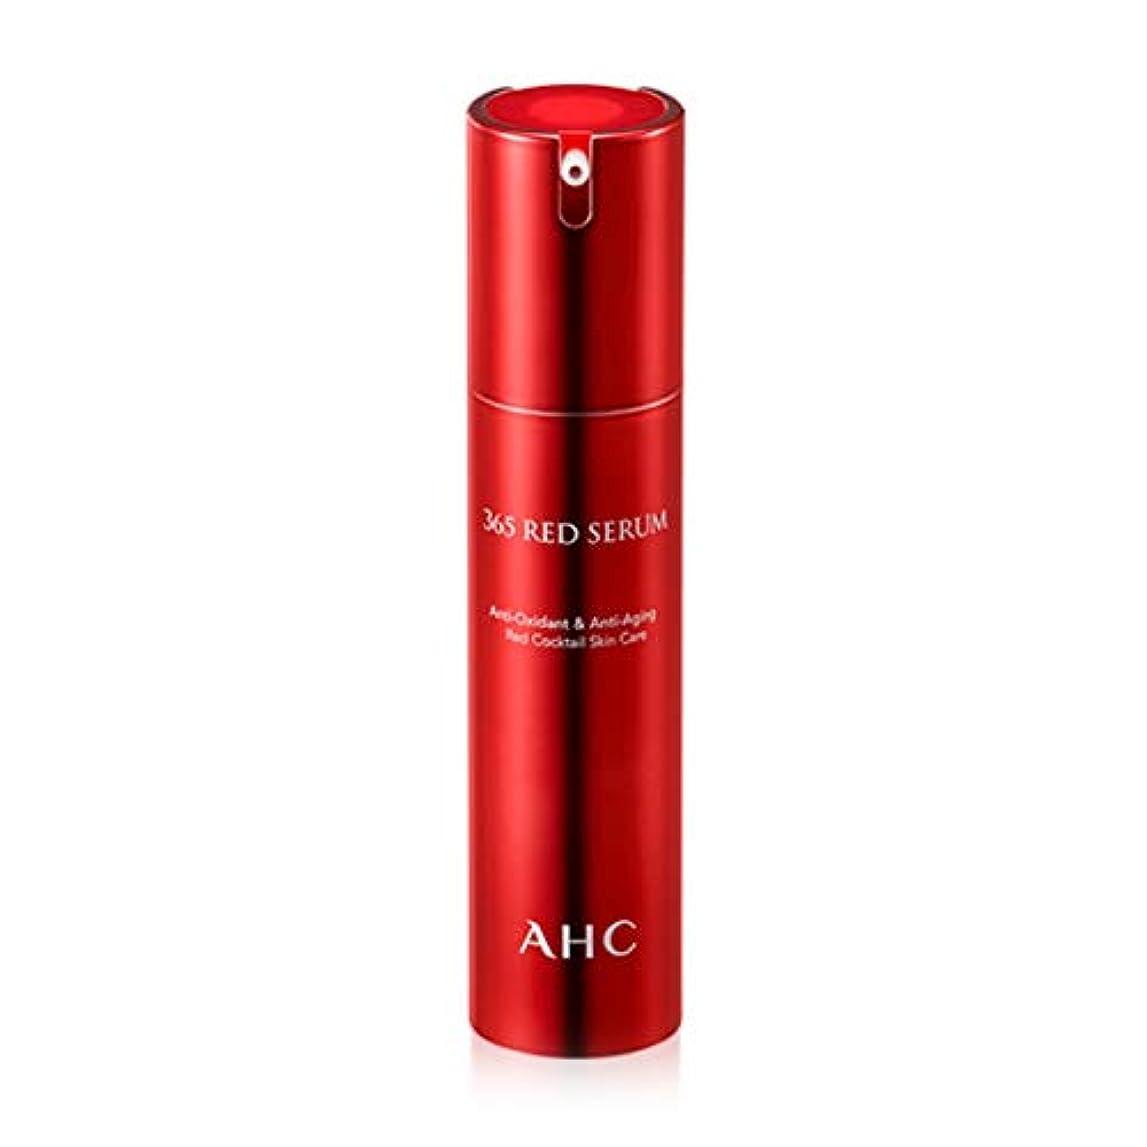 アルネグリーンバックこねるAHC 365 Red Serum AHC 365 レッド セラム 50ml [並行輸入品]